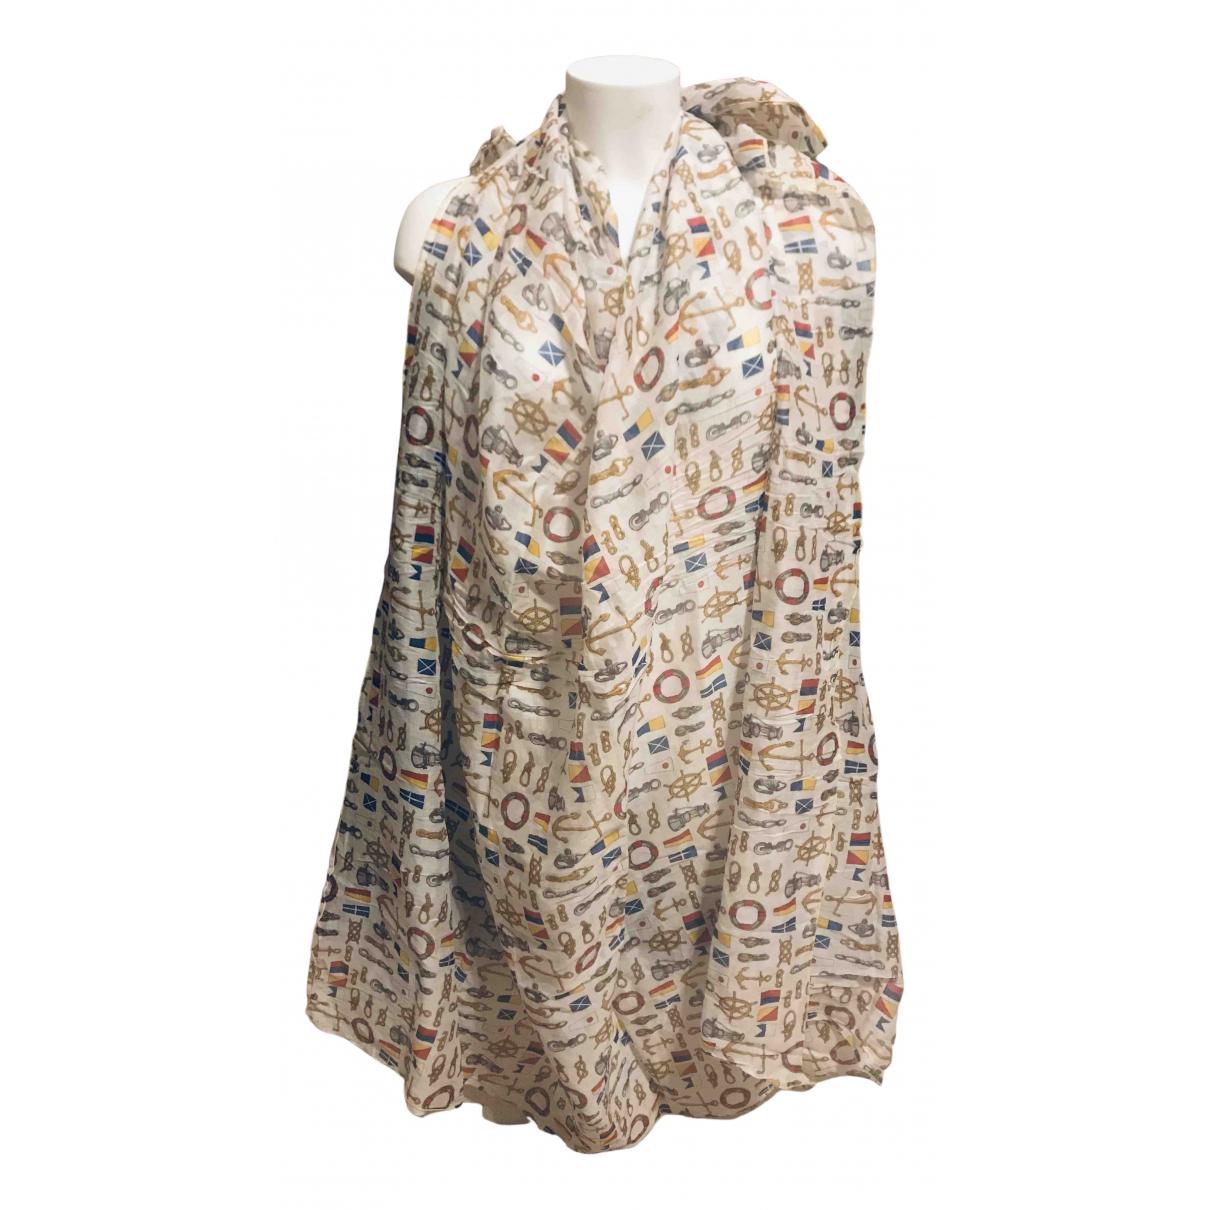 D&g - Foulard   pour femme en coton - multicolore